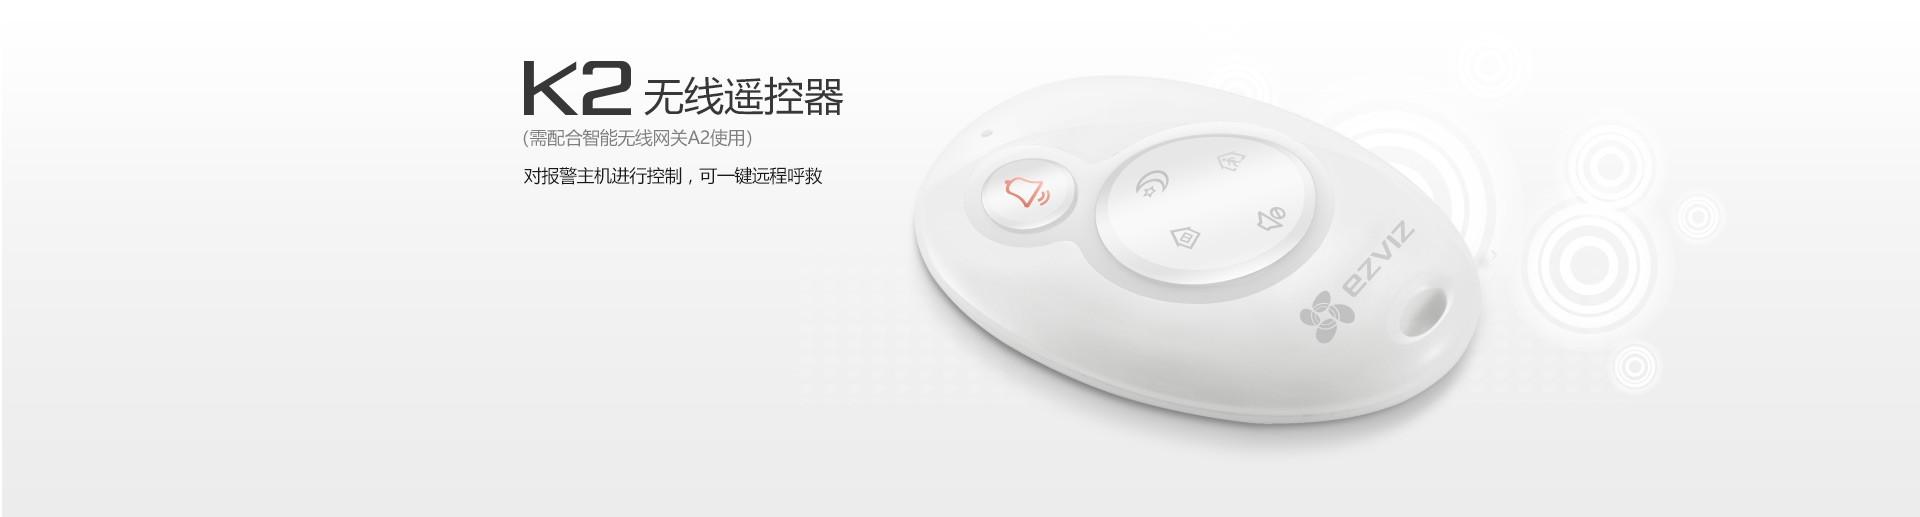 K2-WEB_01.jpg